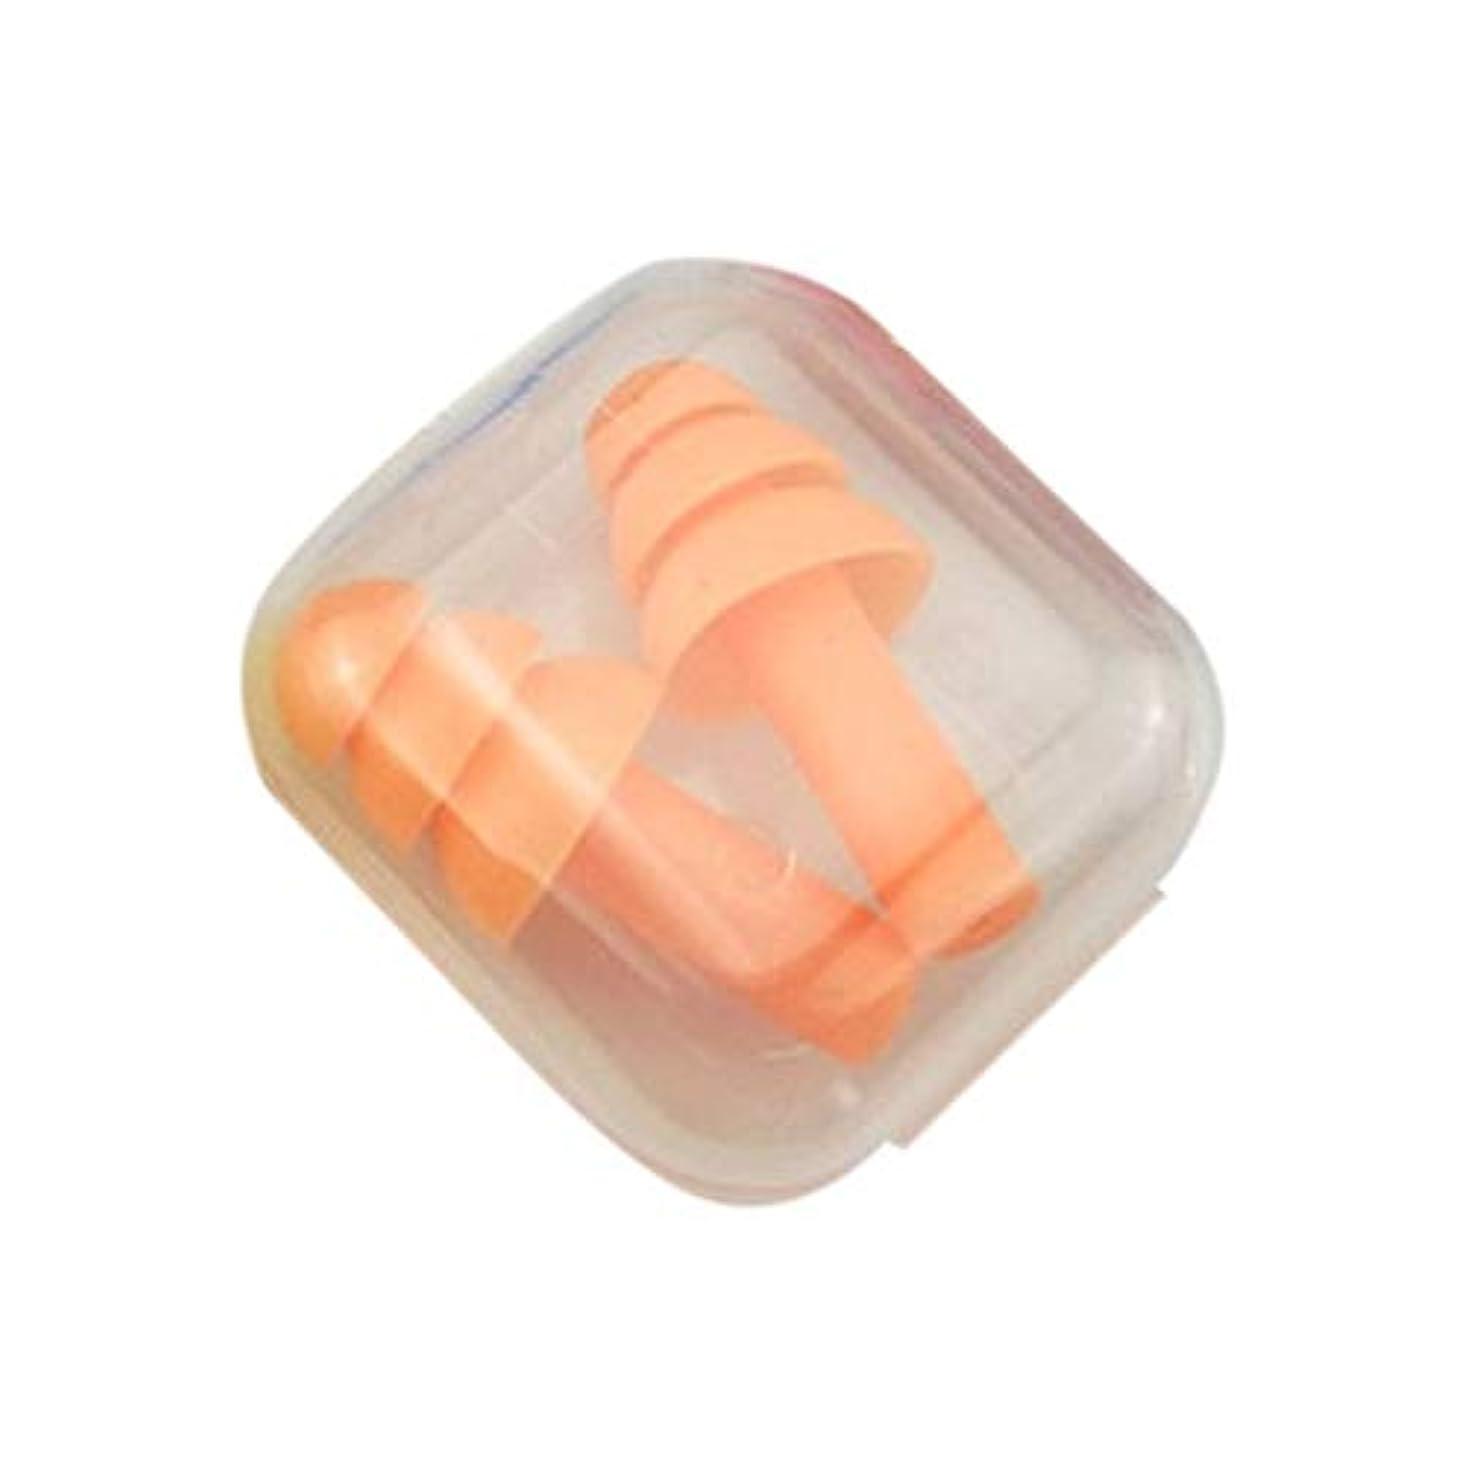 誰か怪しい排気柔らかいシリコーンの耳栓遮音用耳の保護用の耳栓防音睡眠ボックス付き収納ボックス - オレンジ